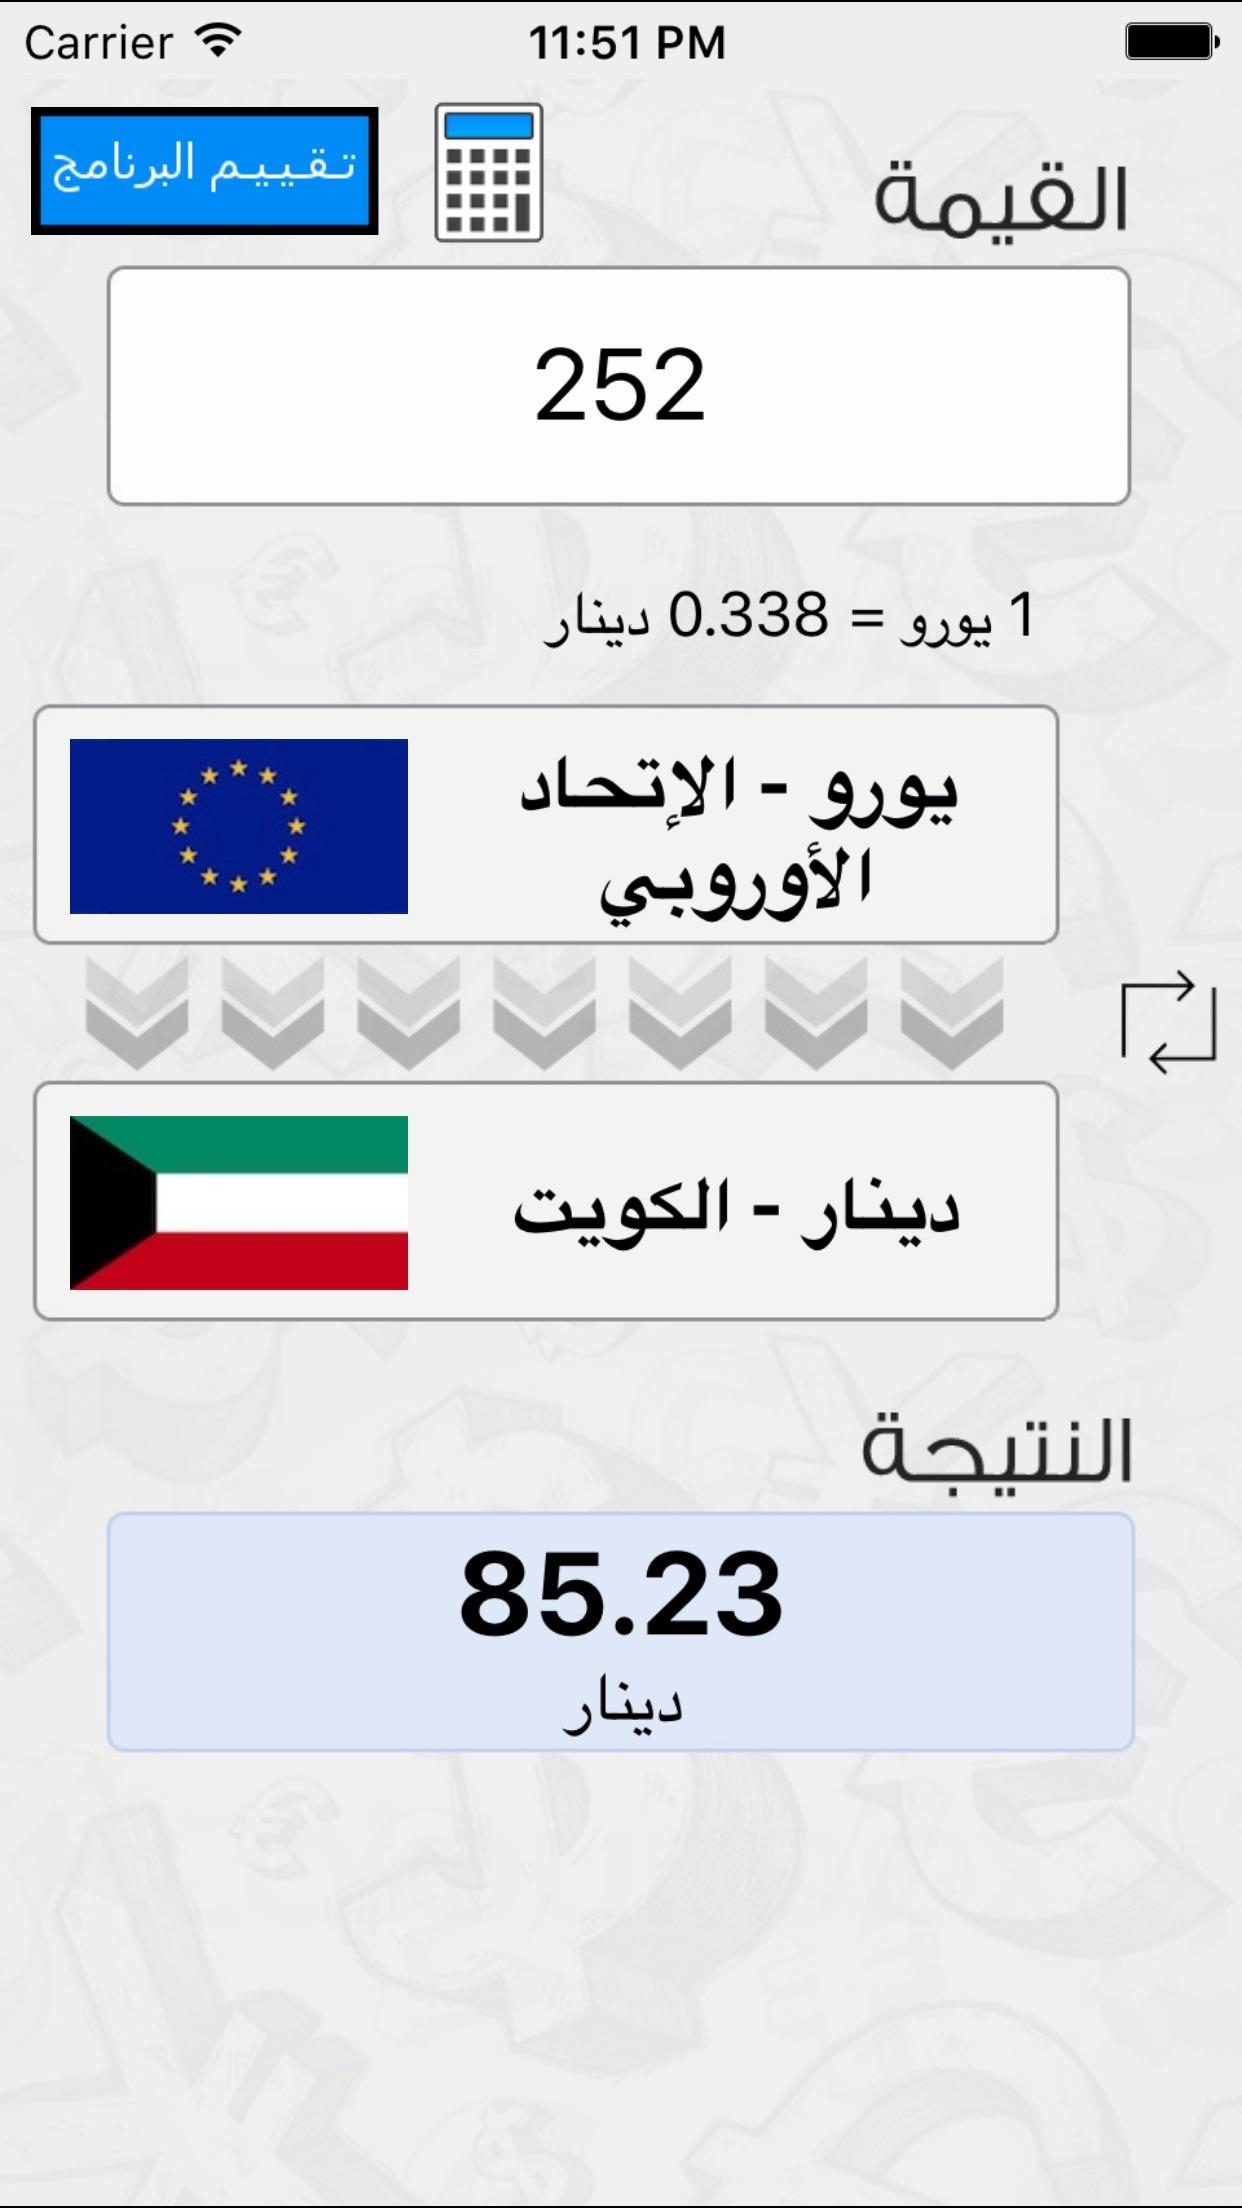 اسعار العملات الدولية Screenshot